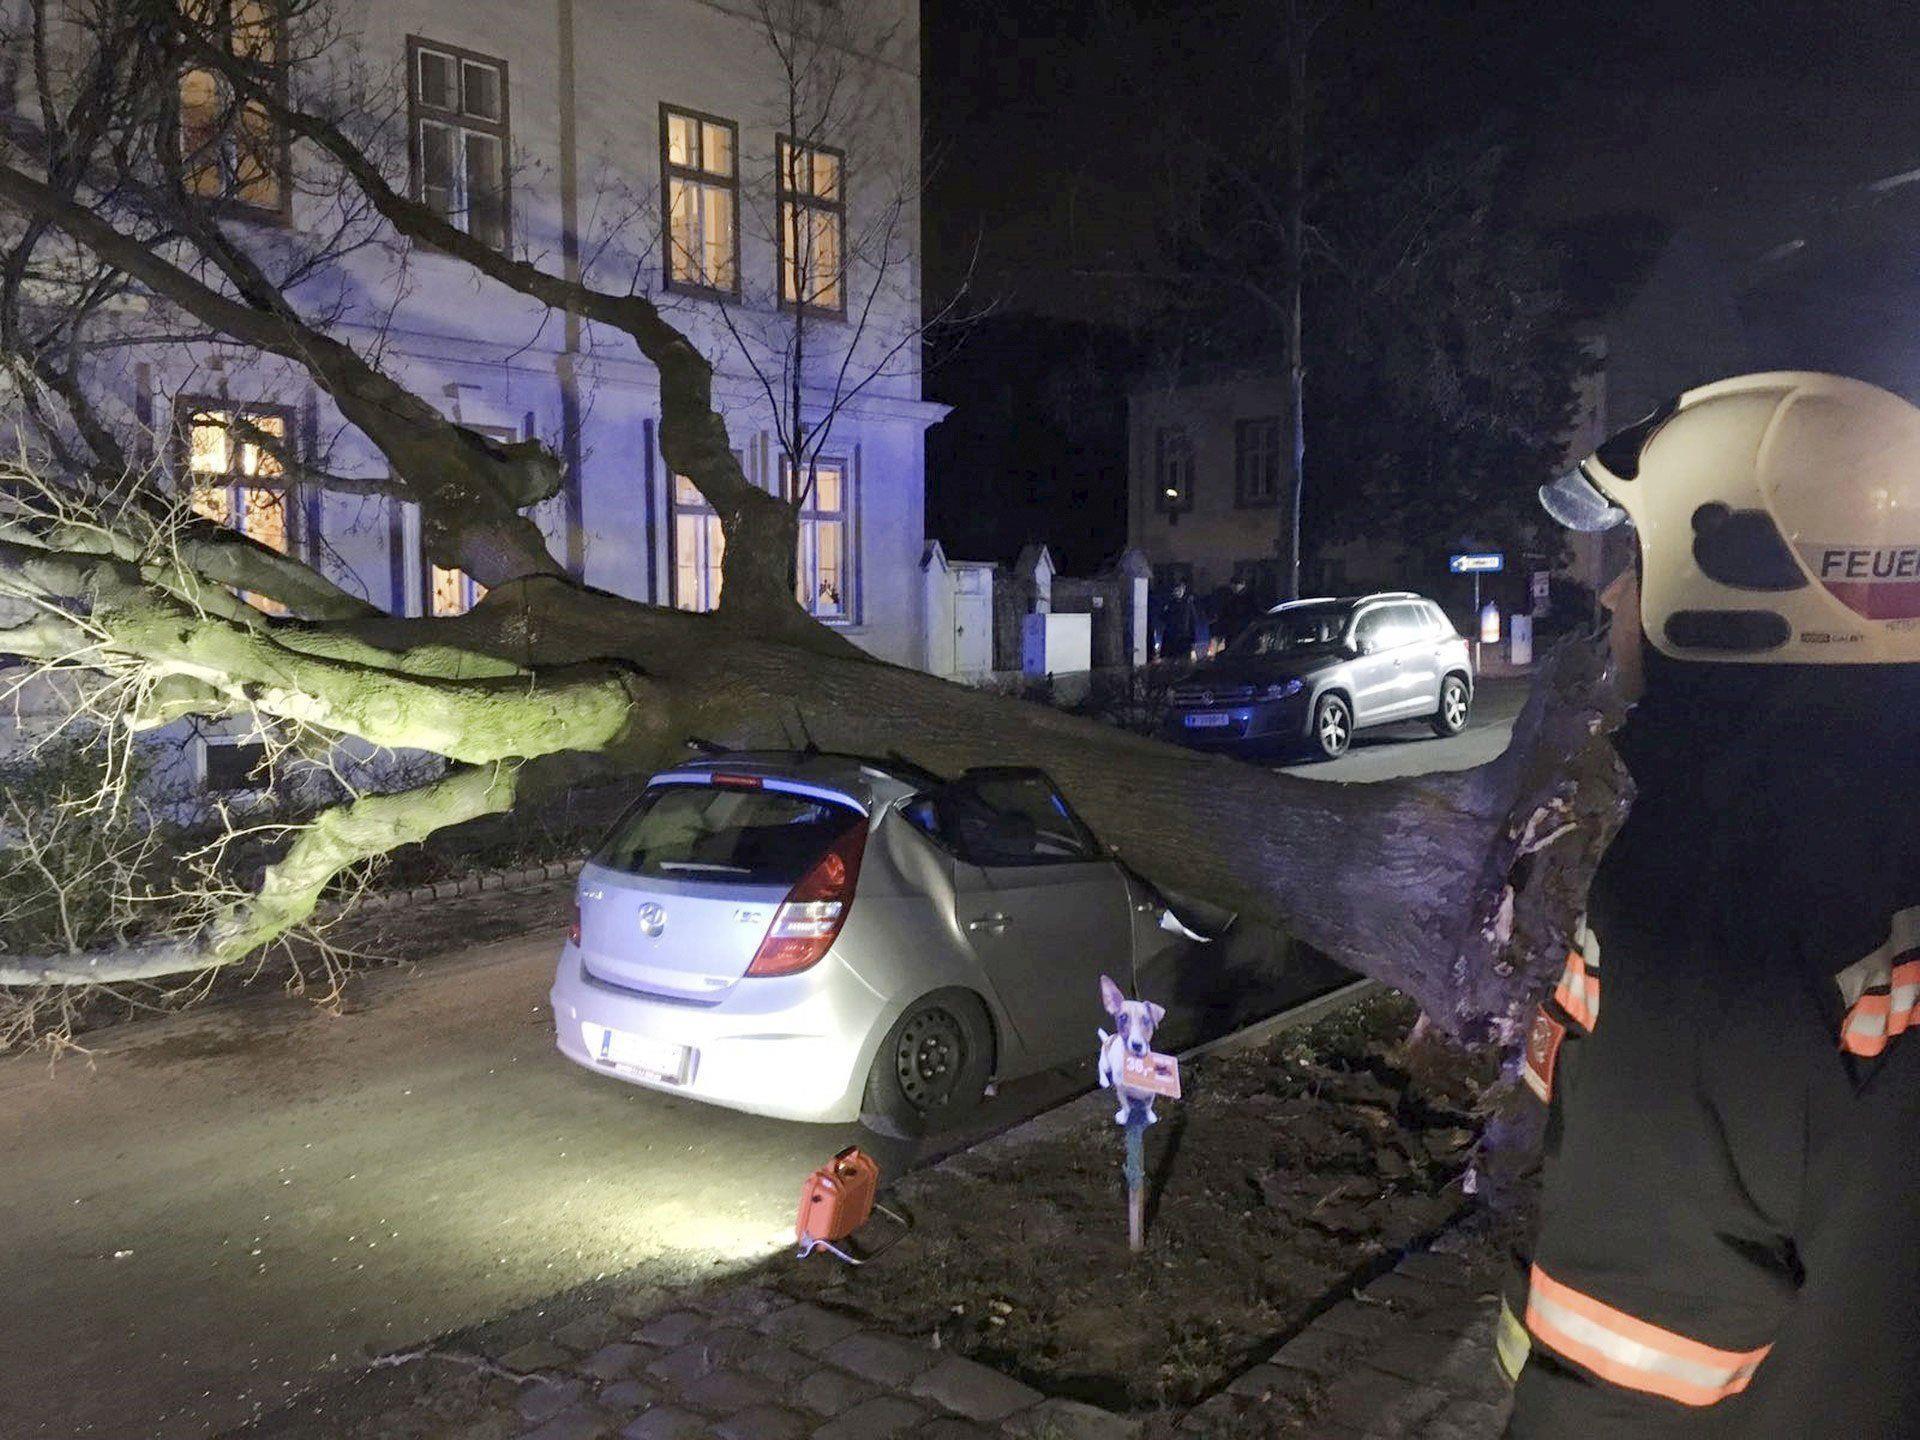 Unterhalb der Jubiläumswarte in Wien-Ottakring fällte der Sturm einen Baum